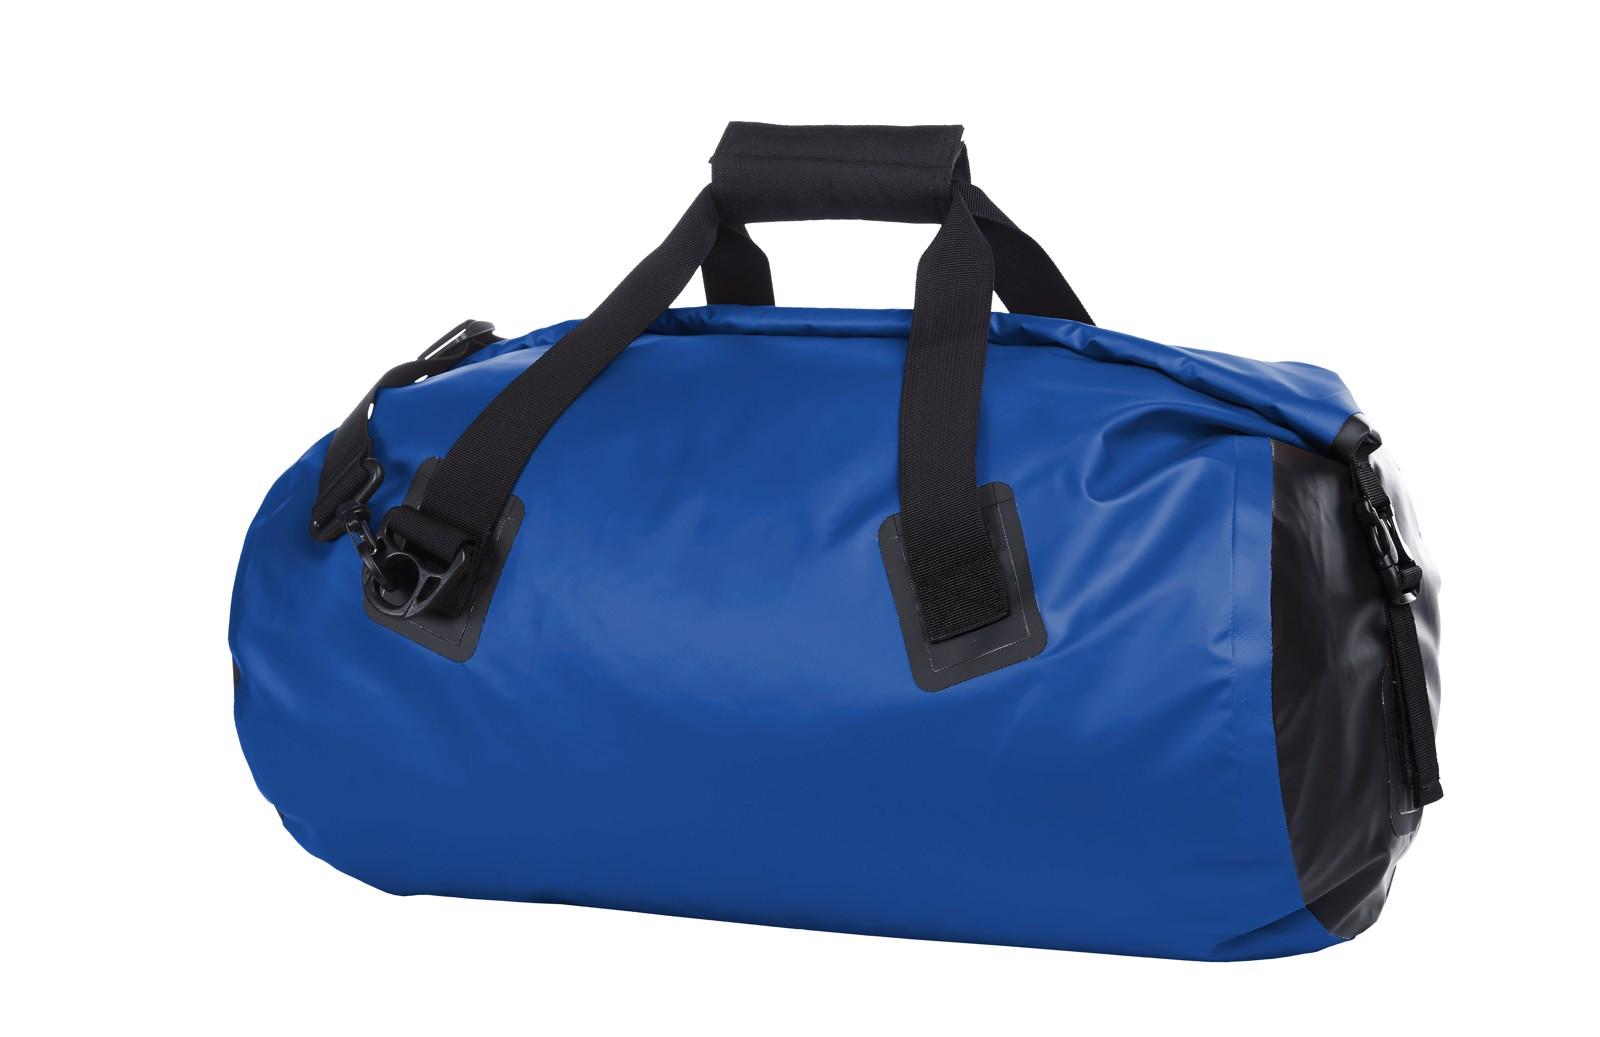 Sportovně-Cestovní Taška Splash - Královská Modrá